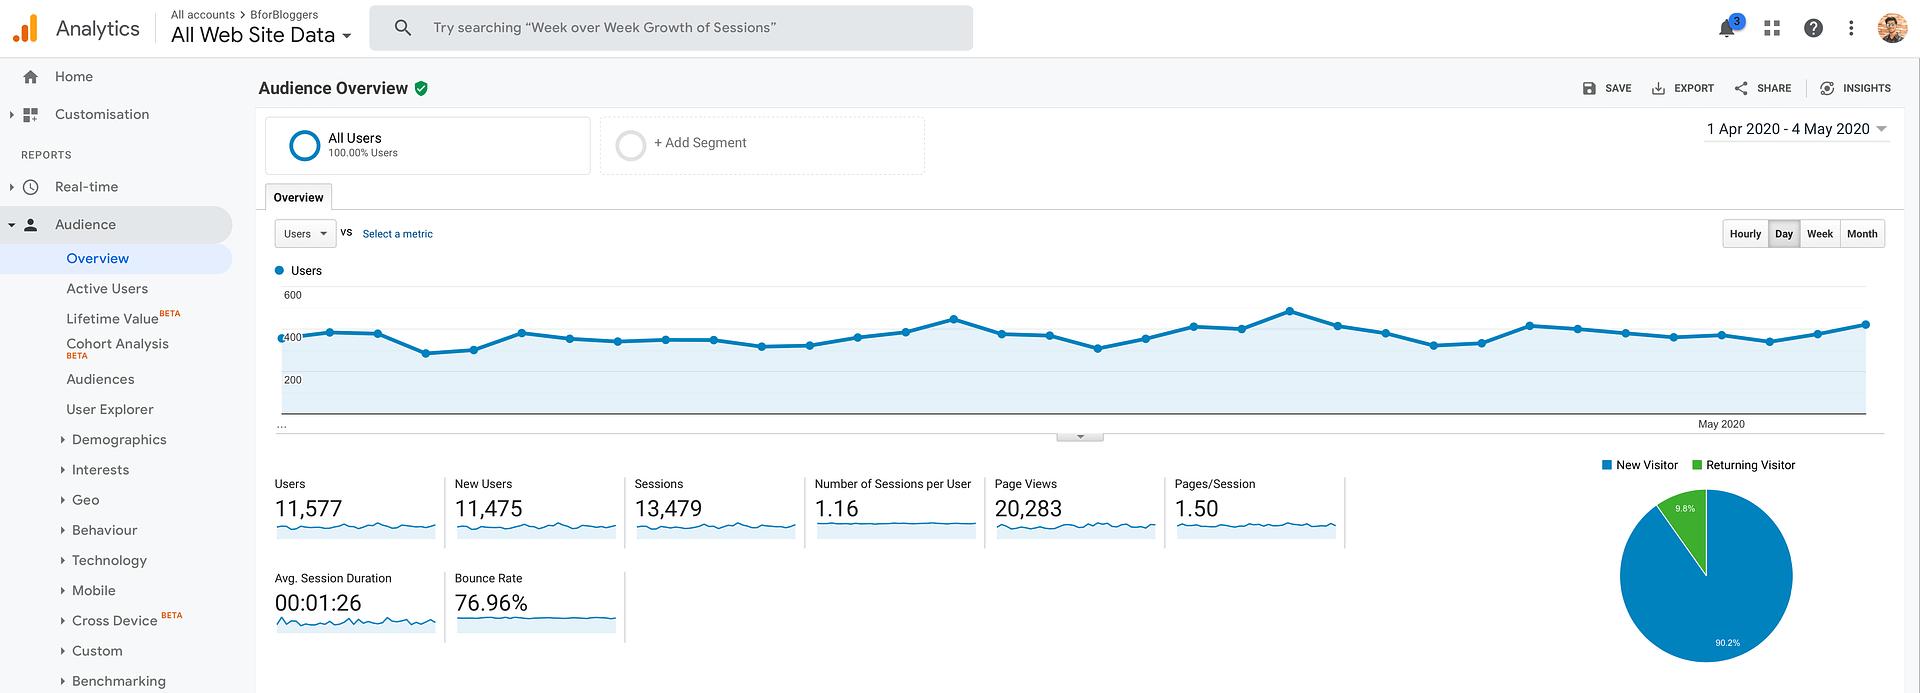 BforBloggers analytics report 2020